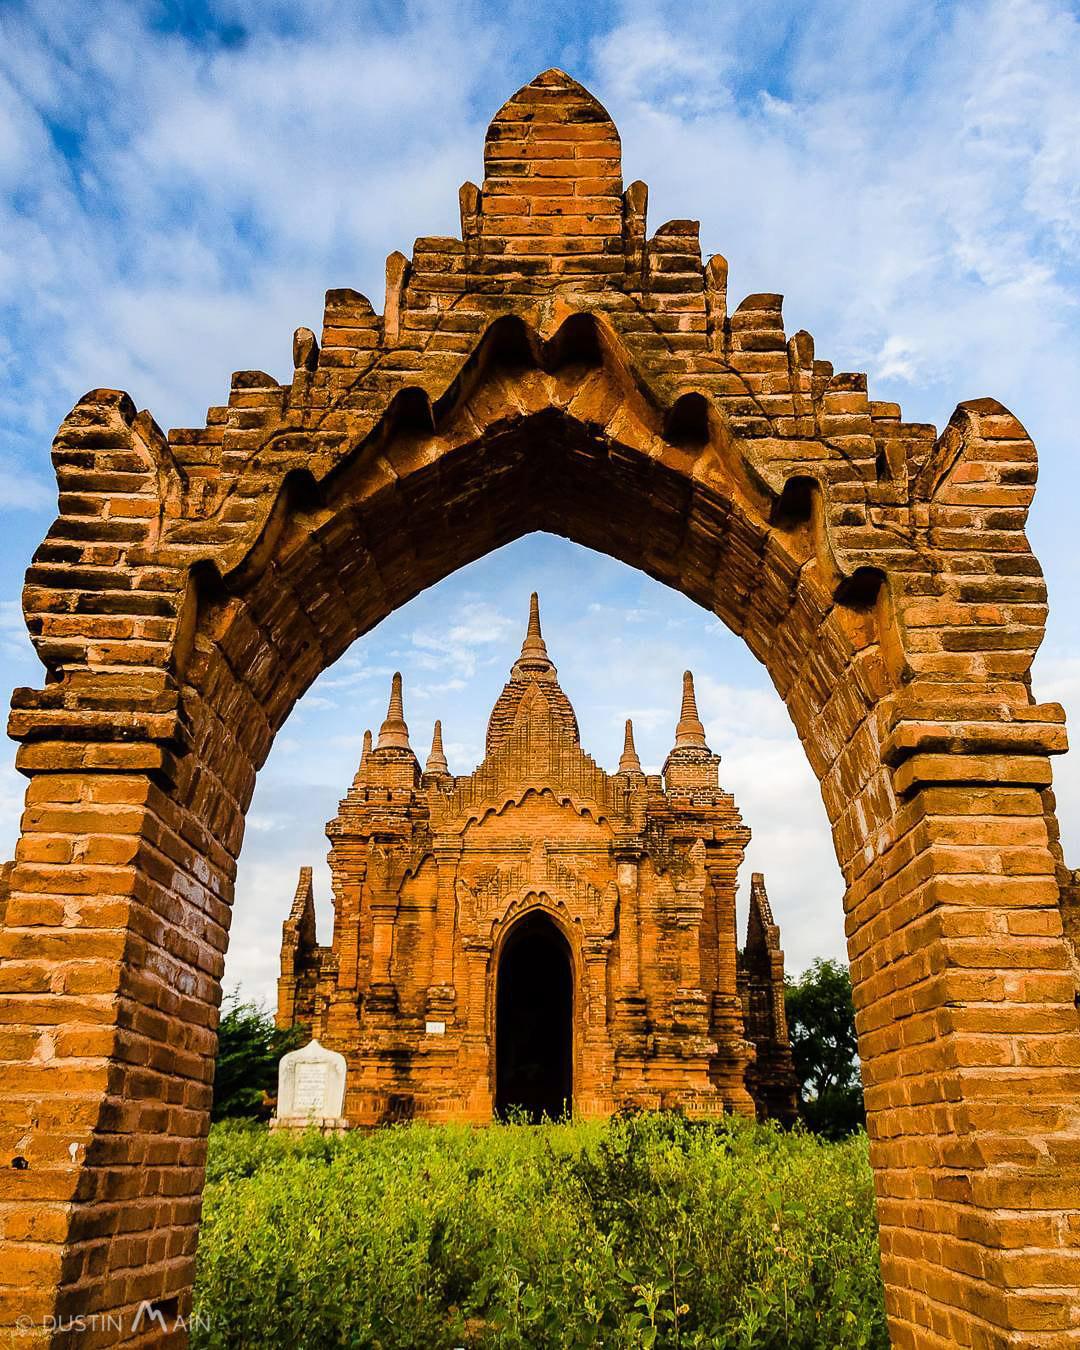 Framing pagodas in Bagan, Myanmar. © Dustin Main 2016